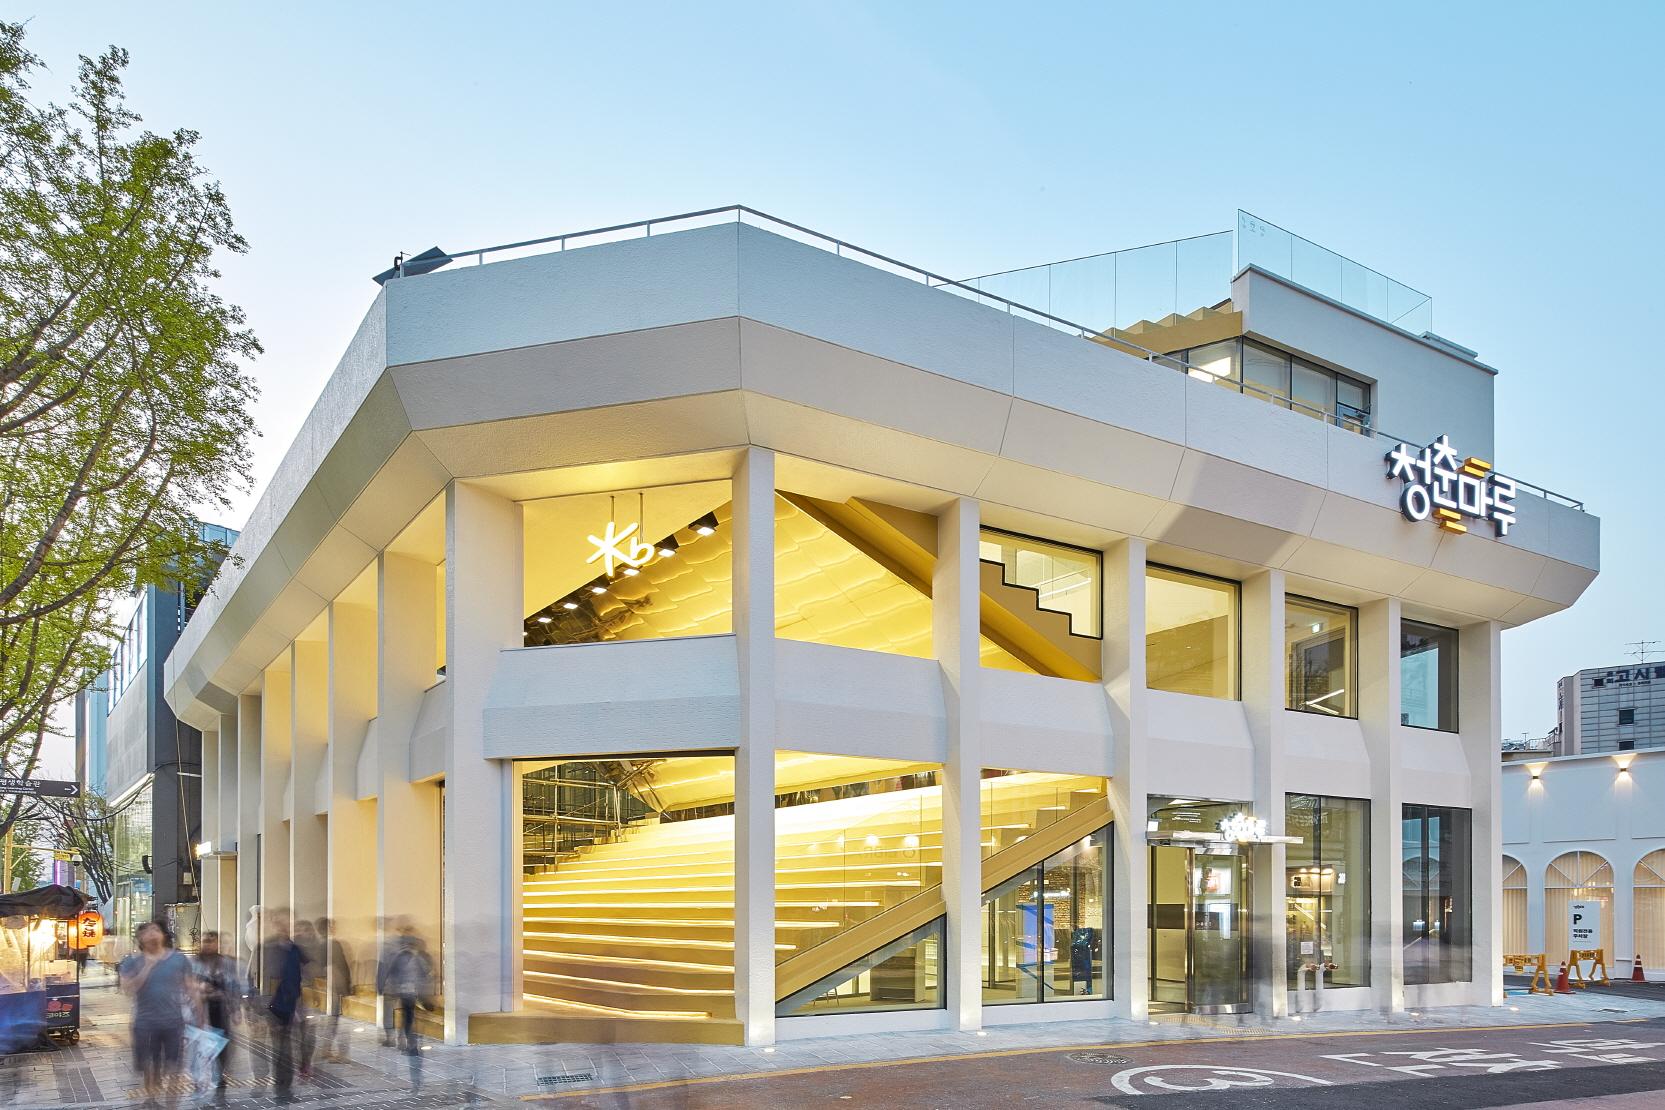 〔안정원의 디자인 칼럼〕 청춘마루, 도시재생의 언어를 담아 건축 문화적 가치를 확장하다 2